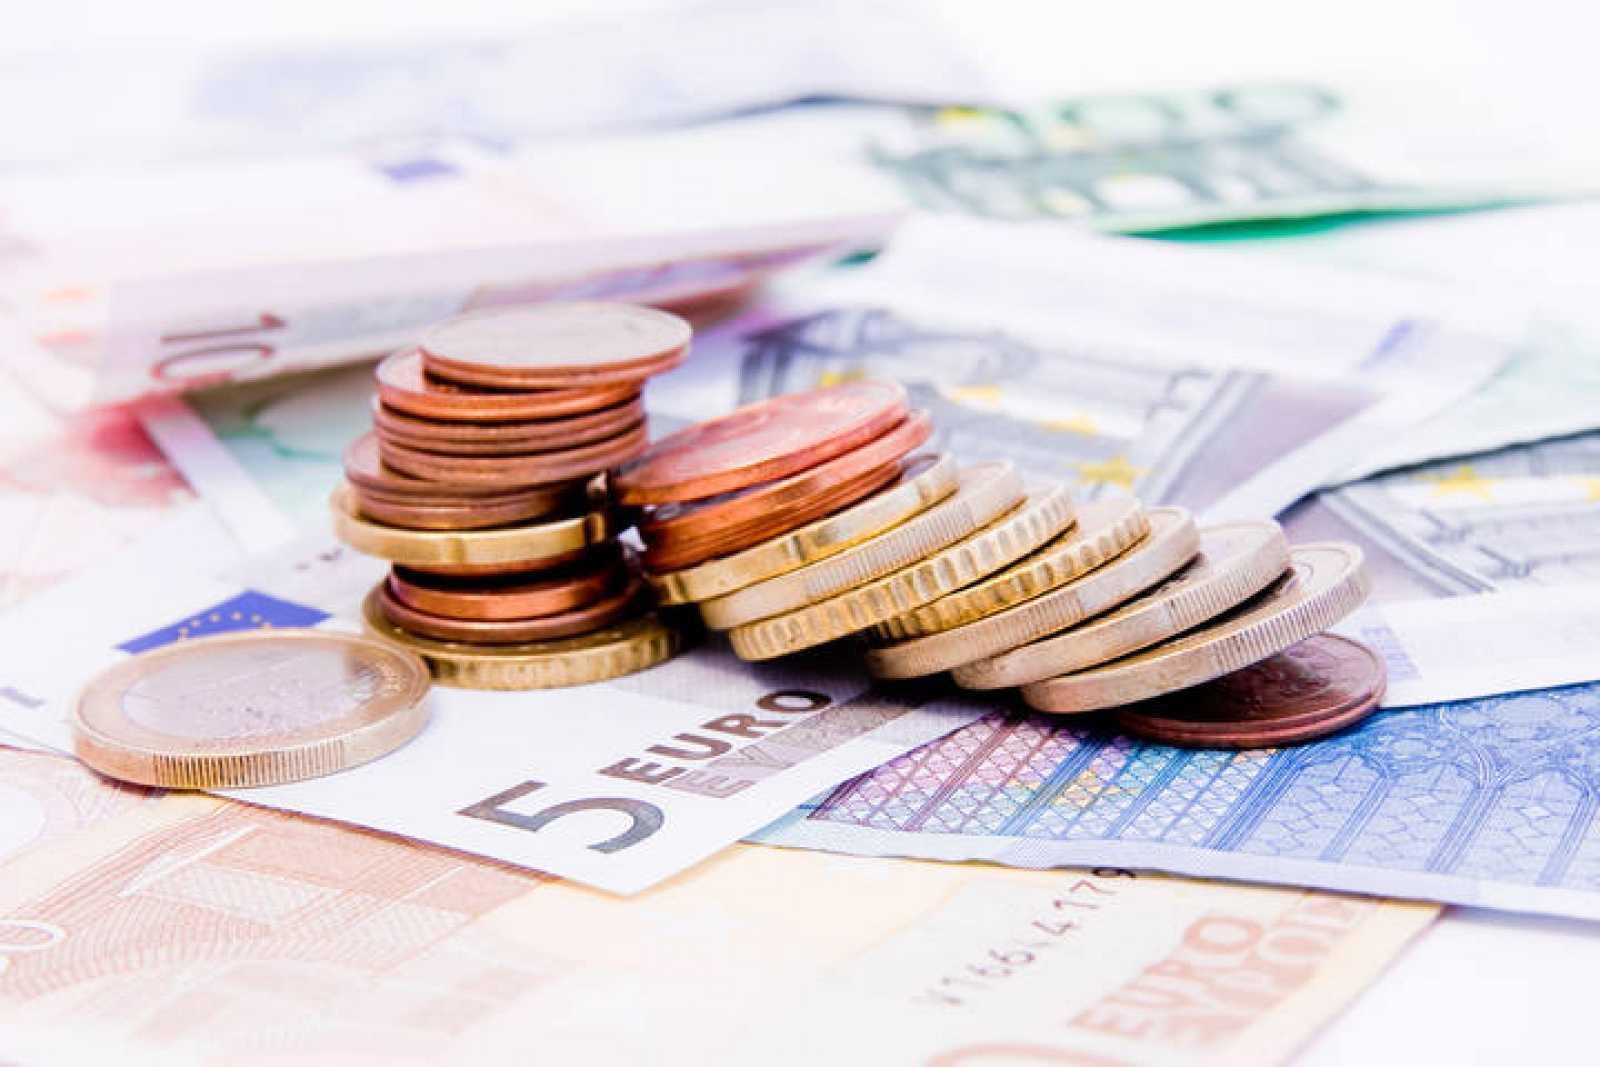 Imagen de billetes y monedas de euros